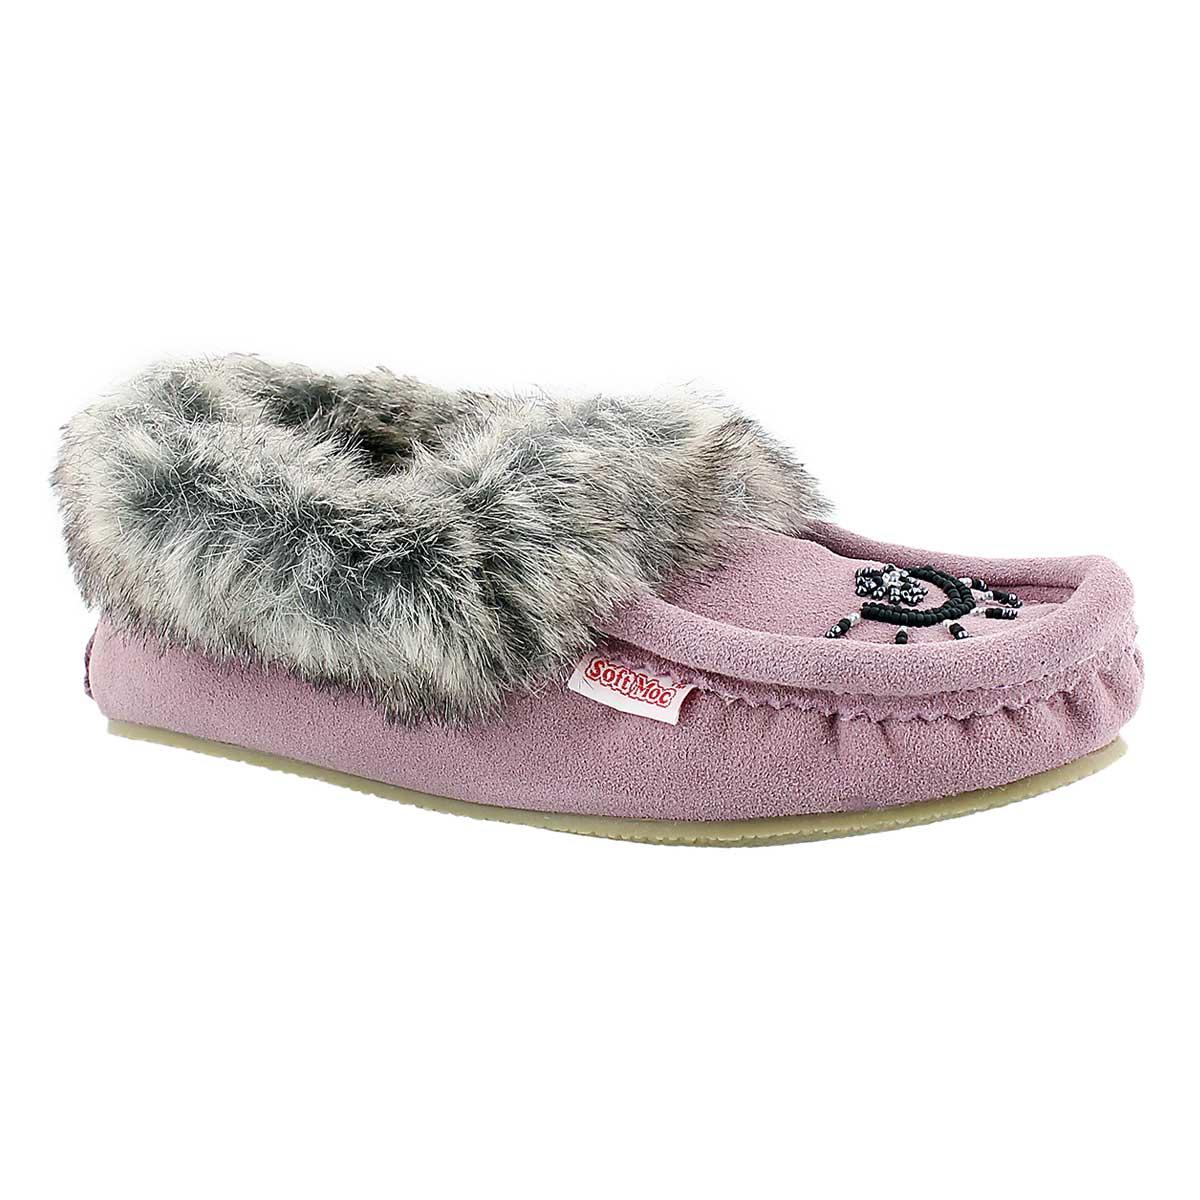 Women's CUTE FAUX ME mauve crepe sole moccasins